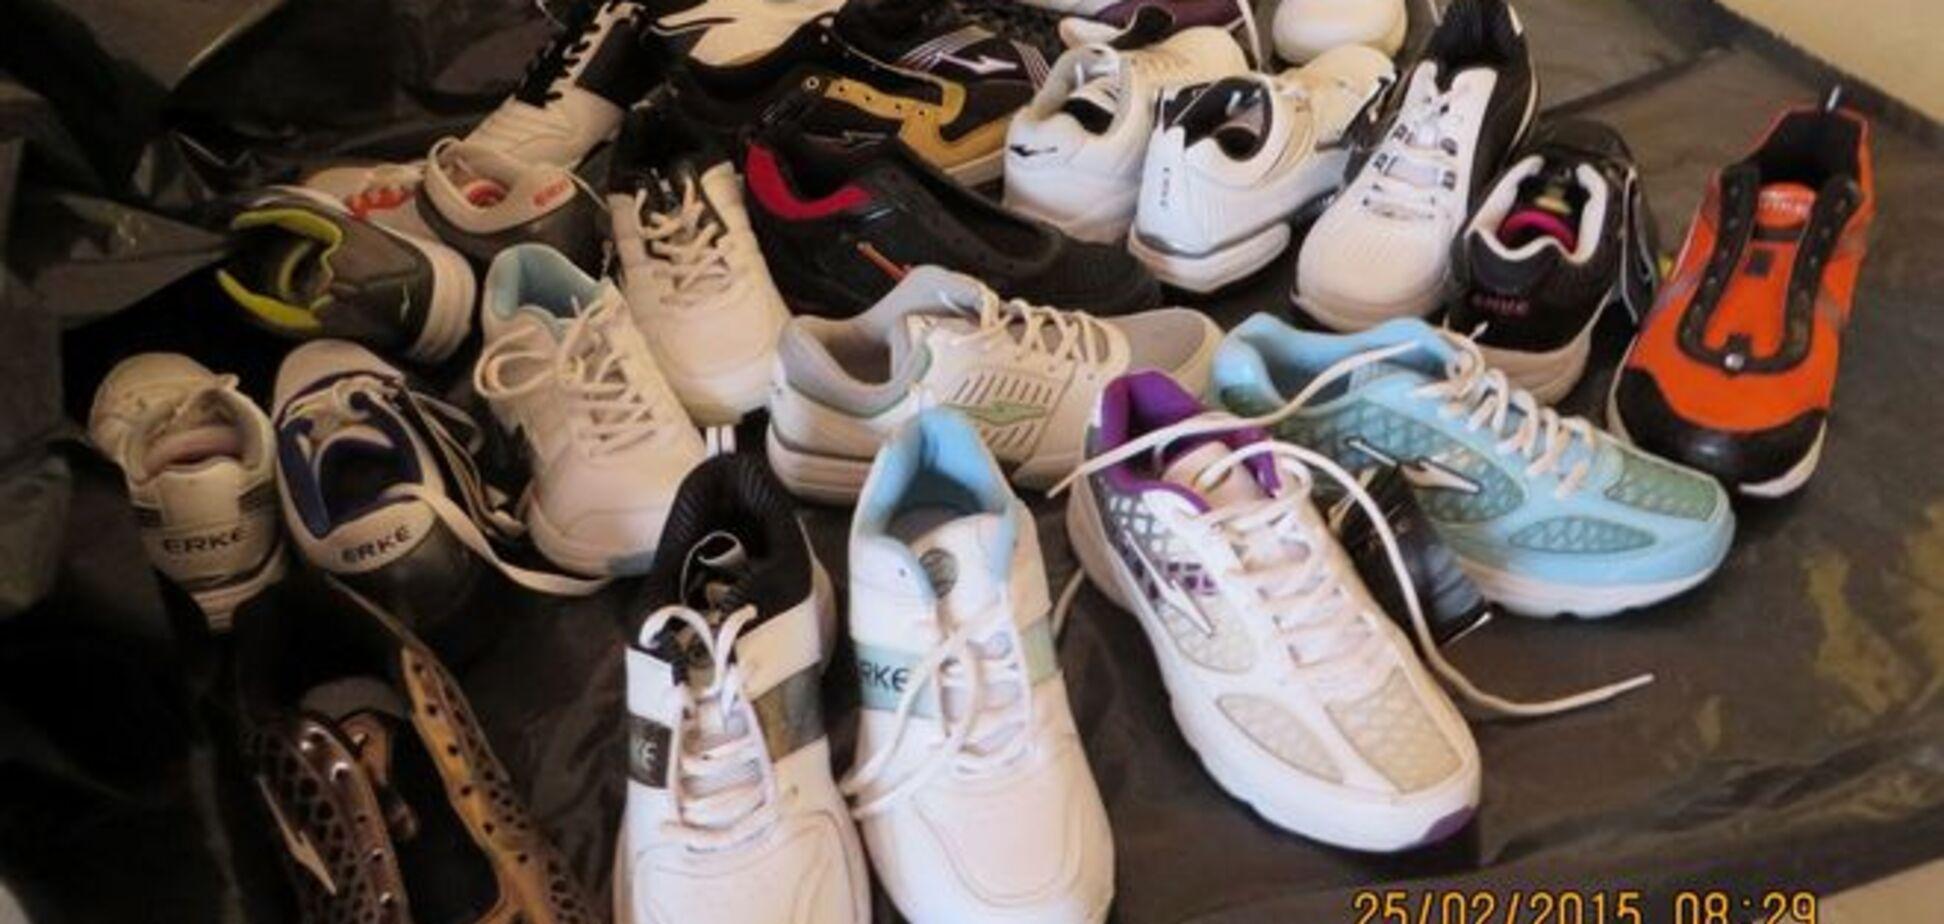 Настоящий детектив: эстонская полиция ищет хозяина 20 новых кроссовок на правую ногу